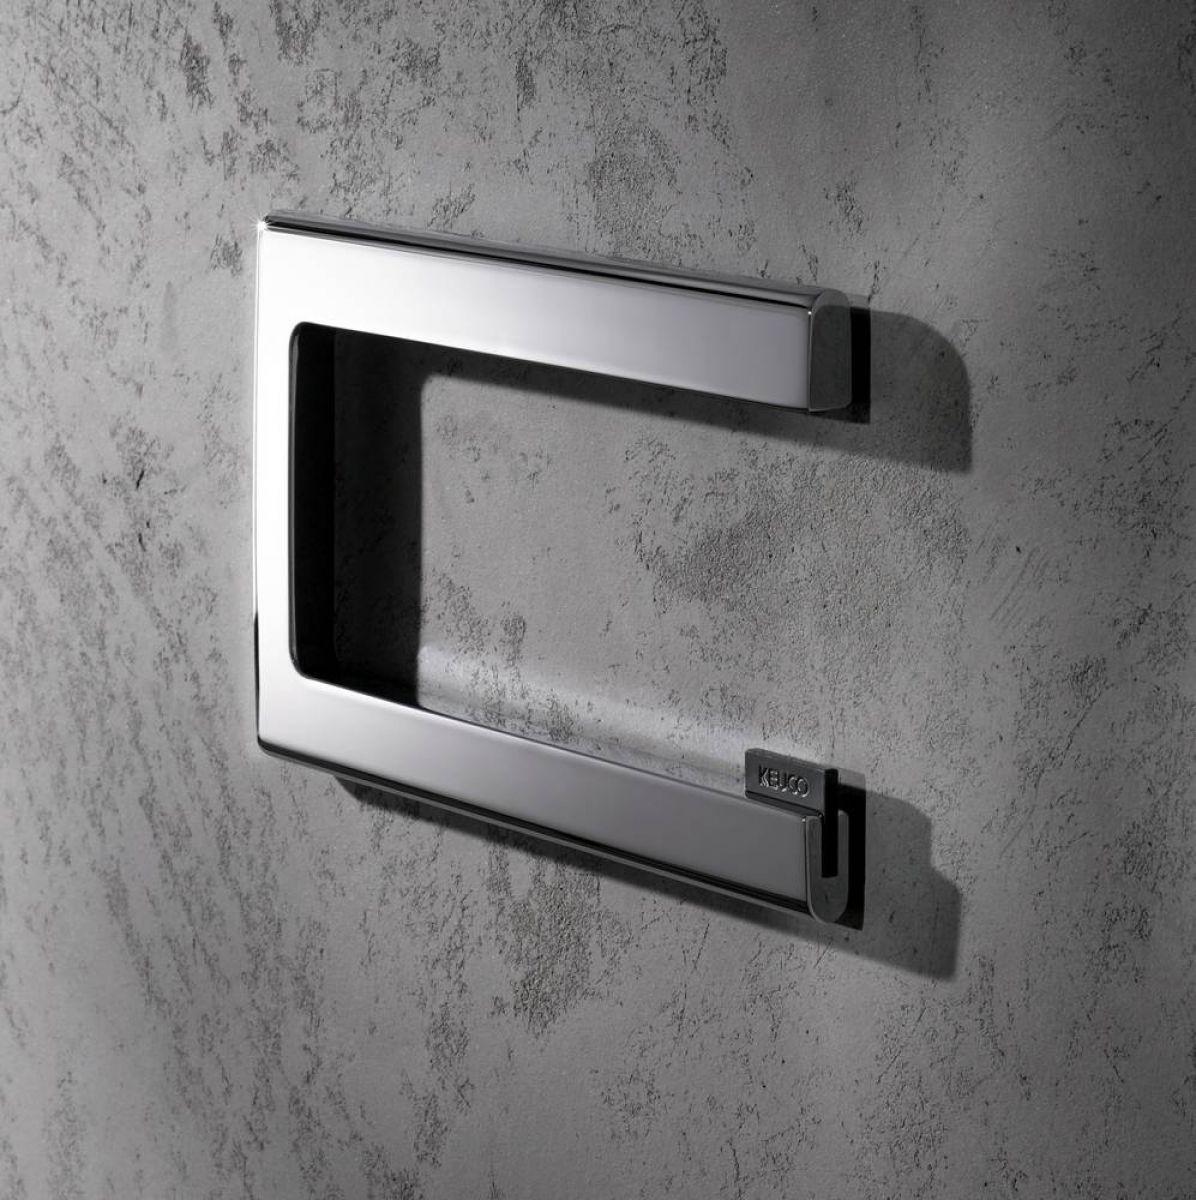 keuco edition 400 toilet roll holder uk bathrooms. Black Bedroom Furniture Sets. Home Design Ideas